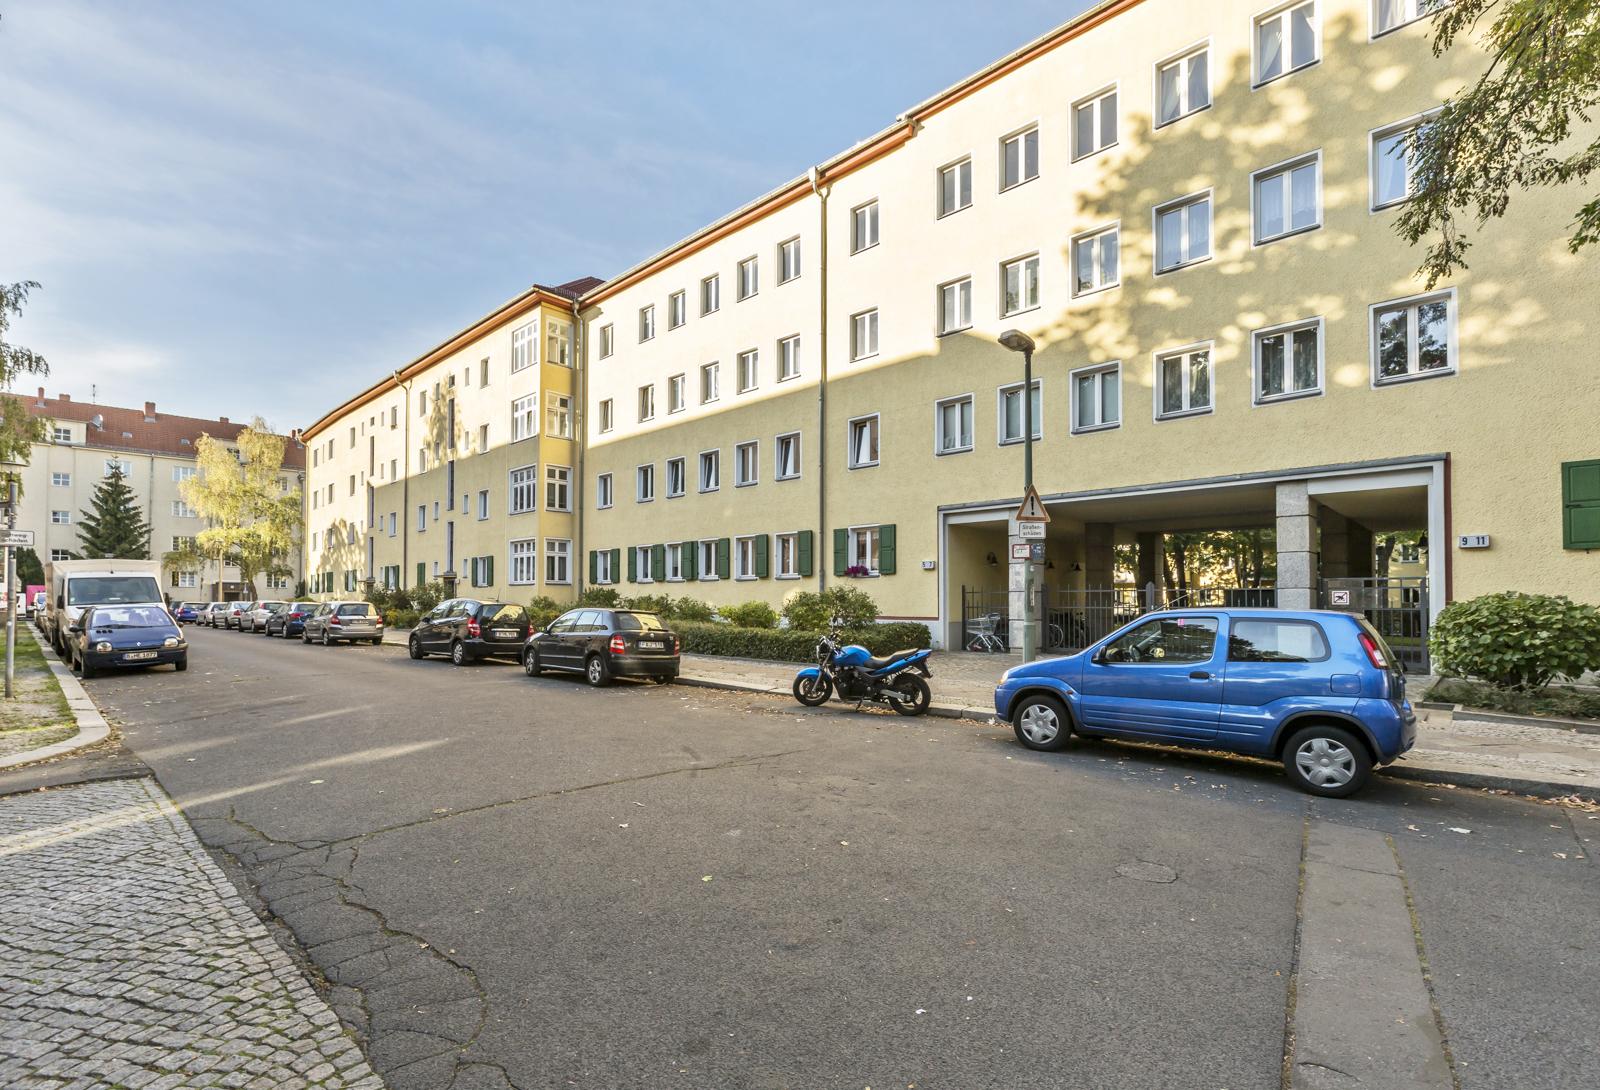 Ingo_Lawaczeck_Mähren_Lindenhoekweg_5-1